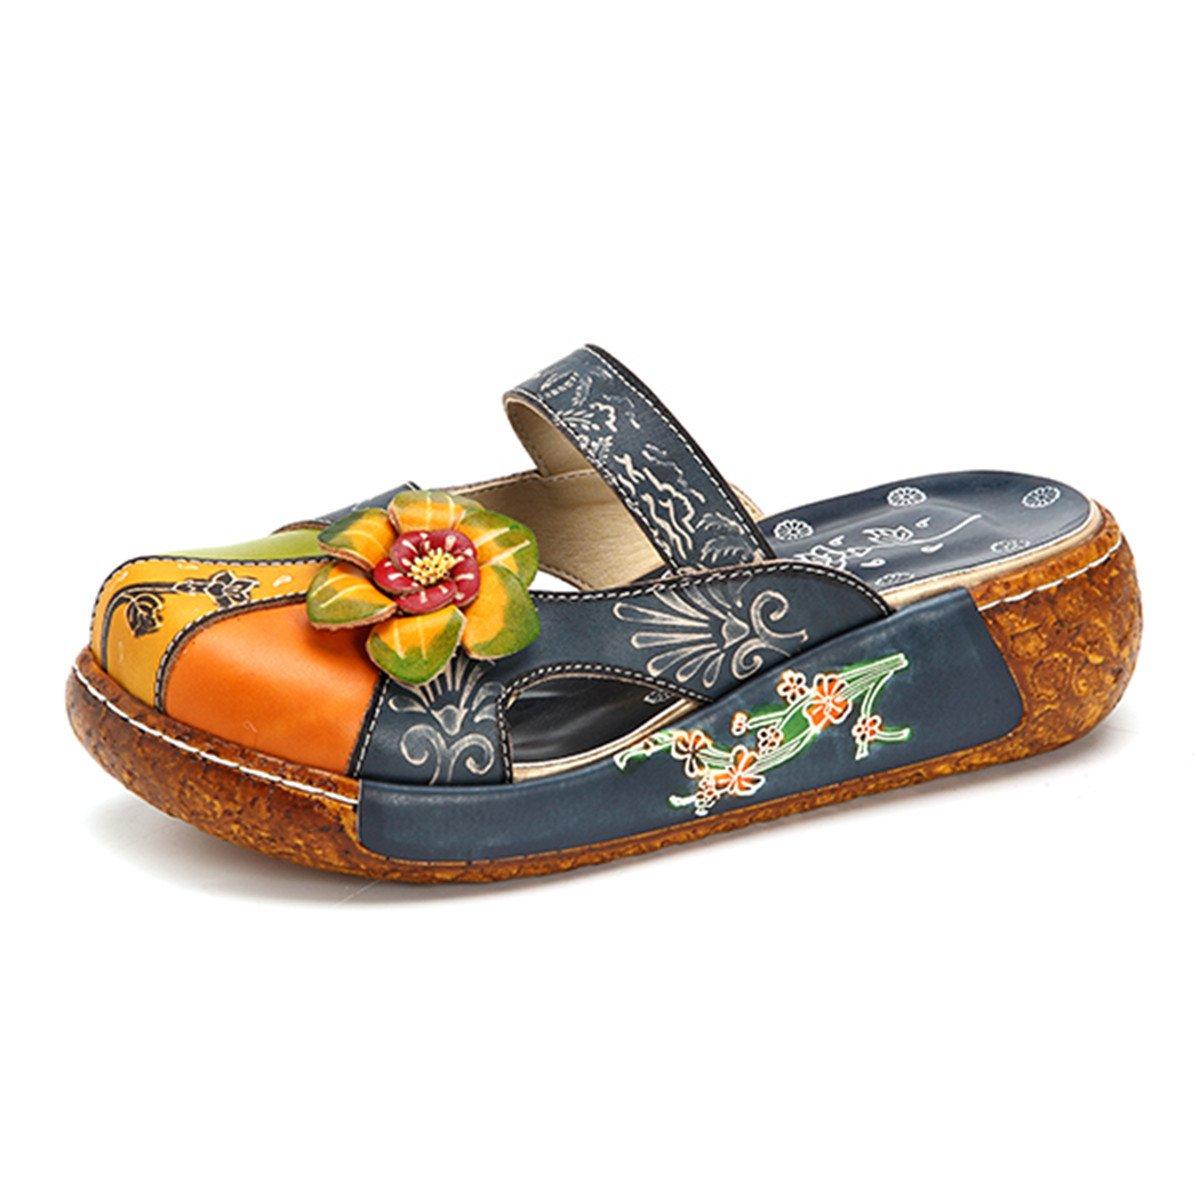 Gracosy Damen Sandalen, Sommer Leder Pantoffel Vintage Blume Slipper Rückenfrei Clogs Bunte Blume Vintage Schuhe Weich Komfortabel  39 EU|Blau 861bc3